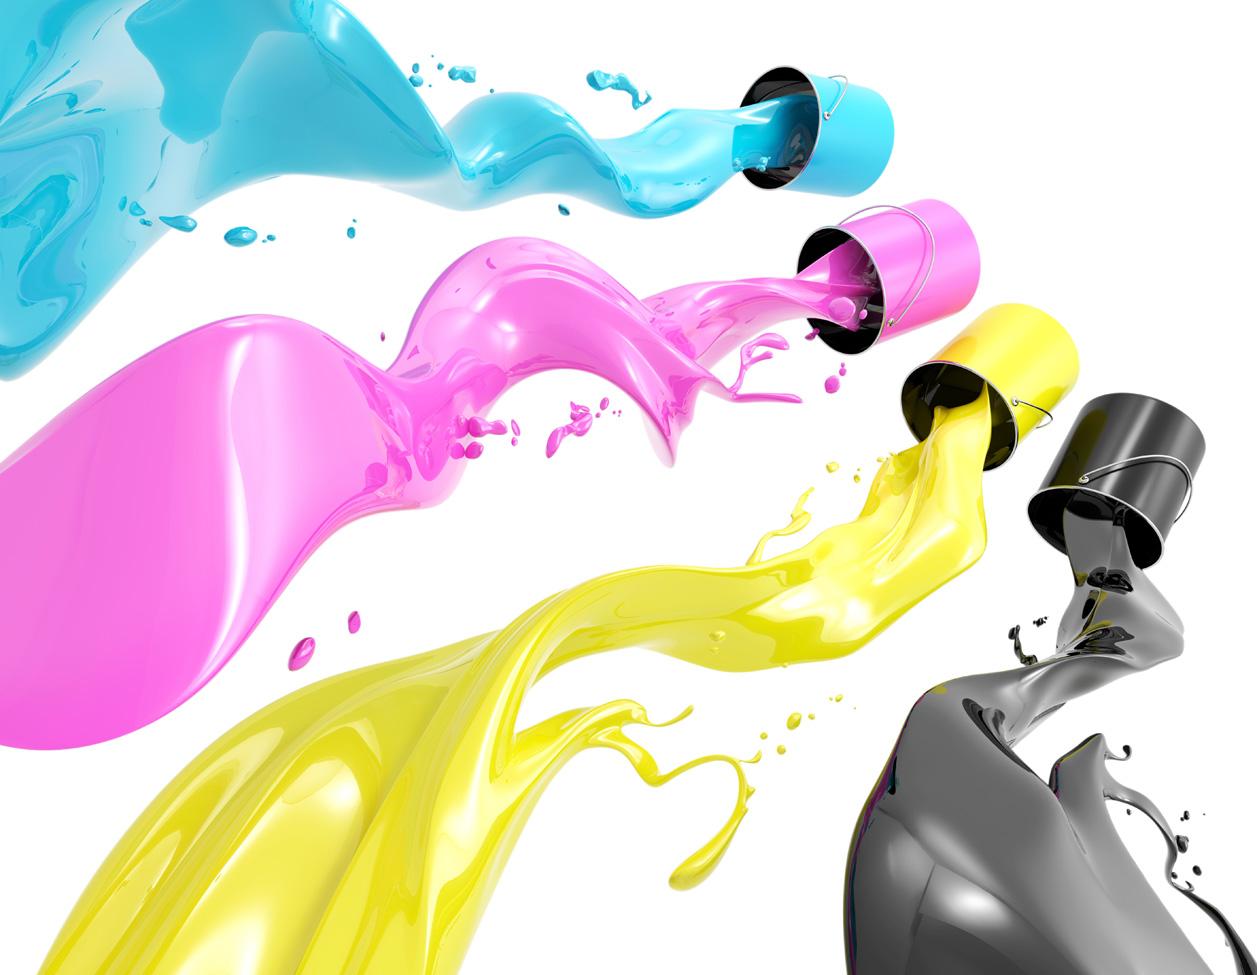 http://4.bp.blogspot.com/-KucJ-AB3EFM/Tt3foI0aWyI/AAAAAAAAYd0/ZsoiTore9nQ/s1600/CMYK+Wallpapers+%252834%2529.jpg